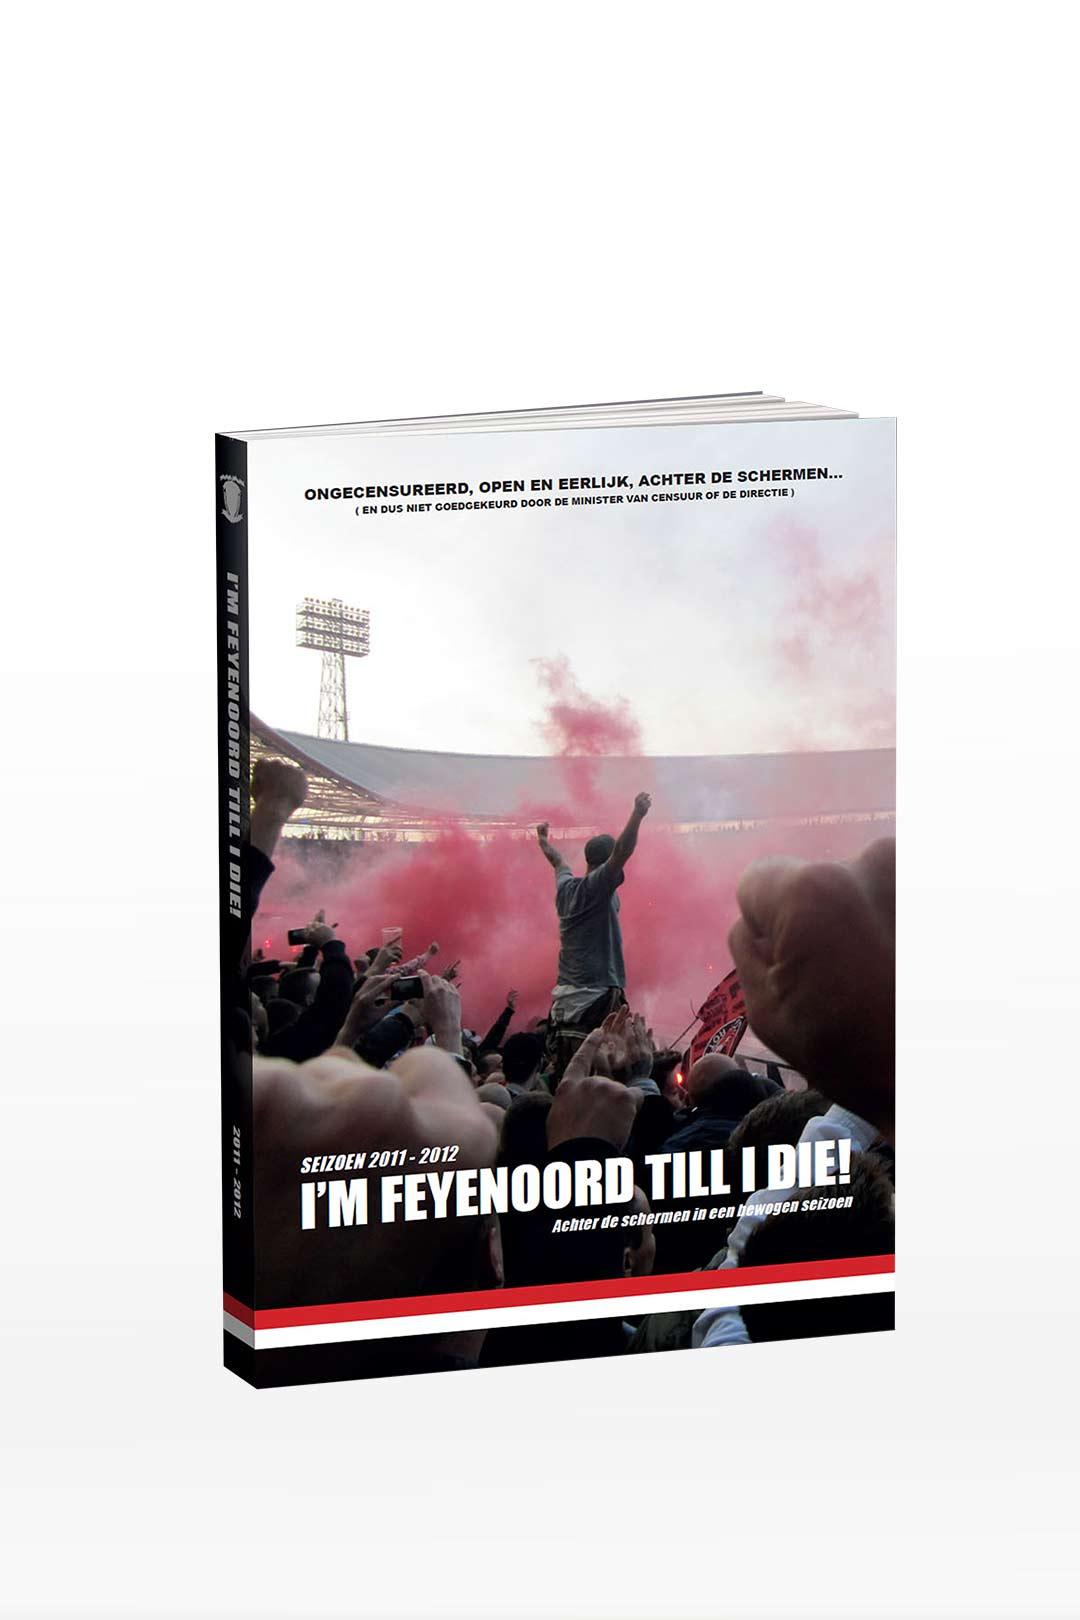 Feyenoord Jaarboek - Deel 1, Seizoen 2011-2012 Feyenoord Till I Die